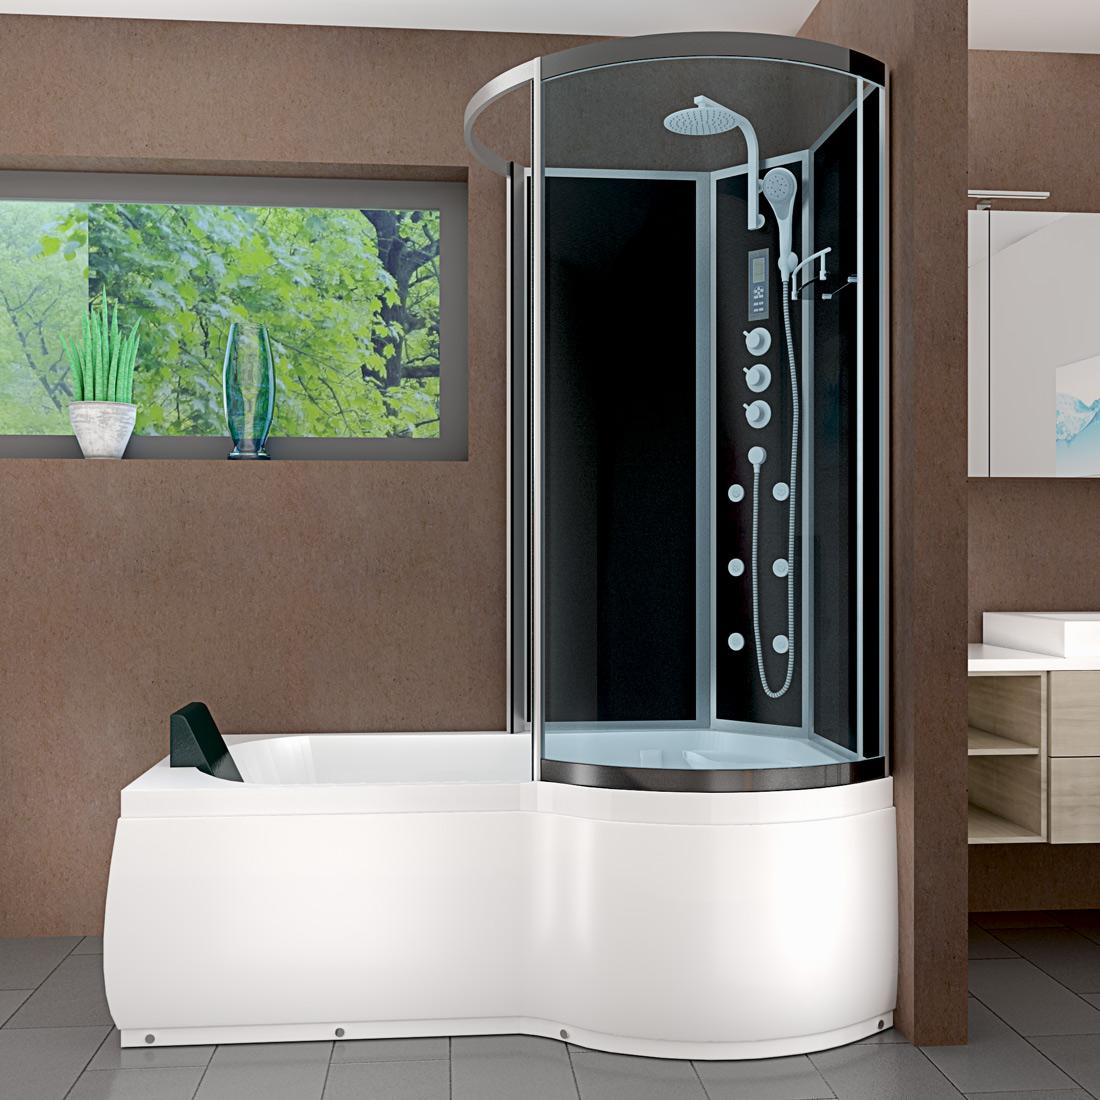 acquavapore dtp8050 a305l wanne duschtempel badewanne dusche duschkabine 170x98. Black Bedroom Furniture Sets. Home Design Ideas